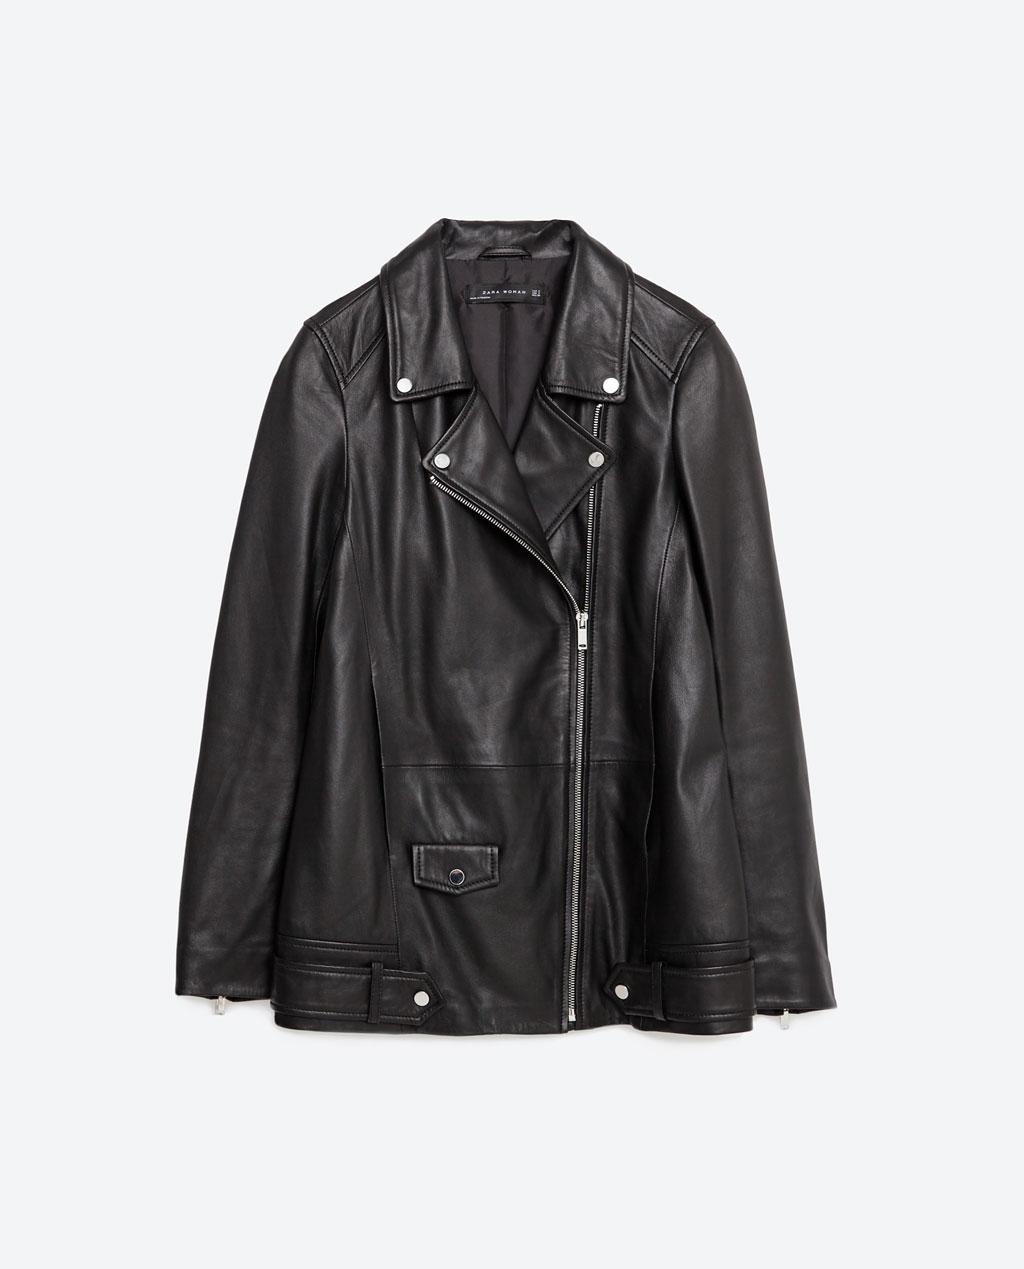 ZARA long leather jacket